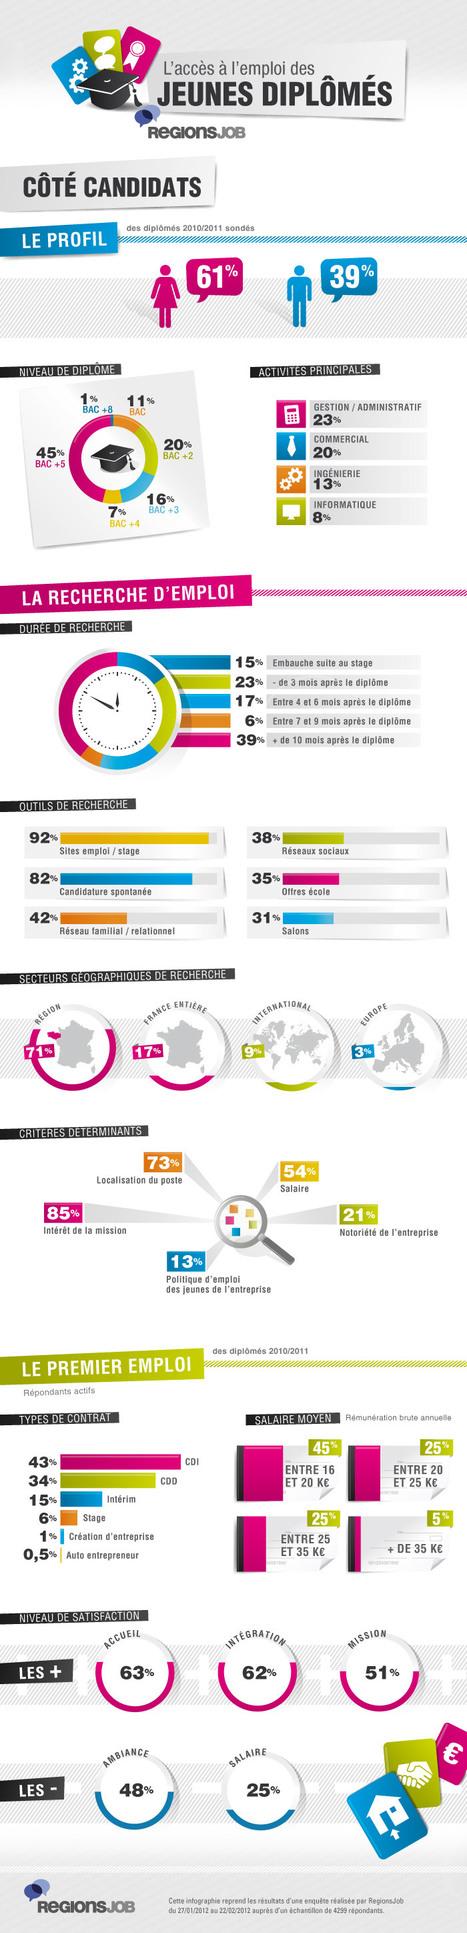 Infographie : l'insertion des jeunes diplômés | Je, tu, il... nous ! | Scoop.it